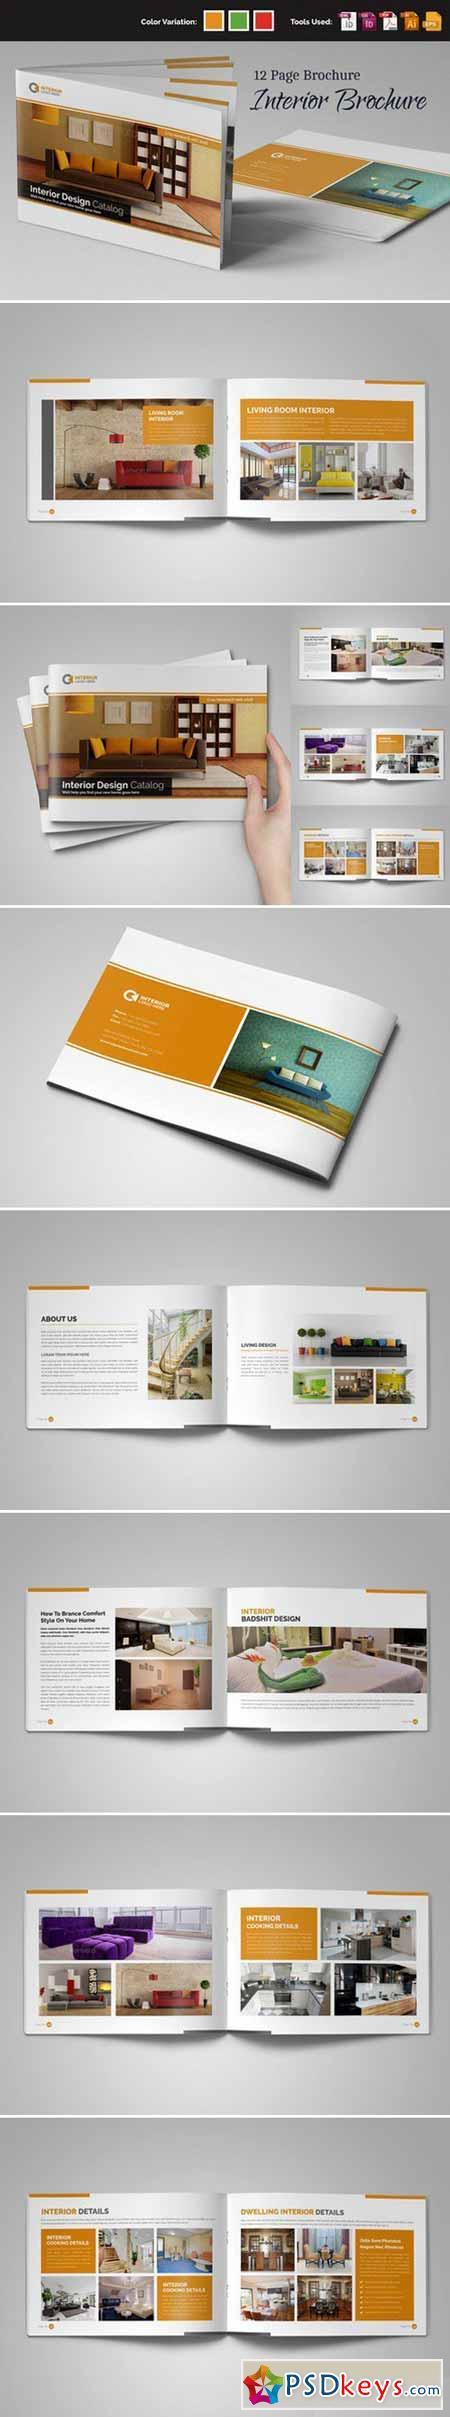 Interior Brochure InDesign V1 459054